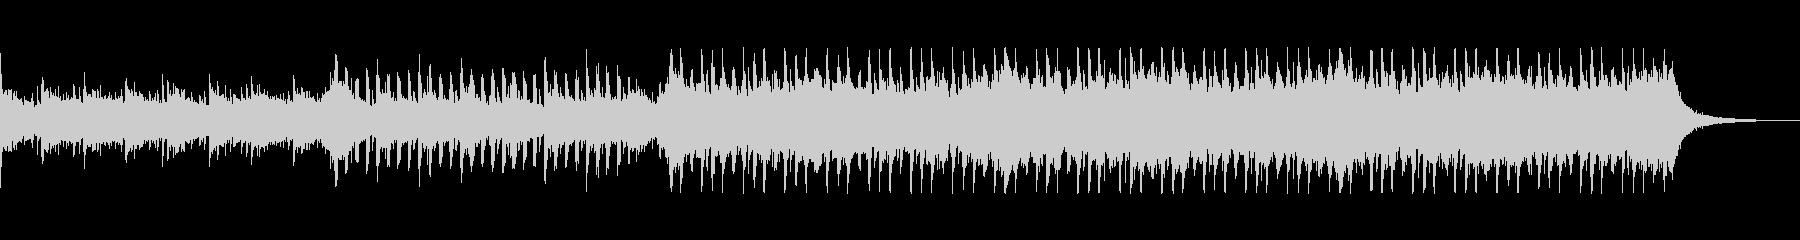 Corporate Guitar 147の未再生の波形